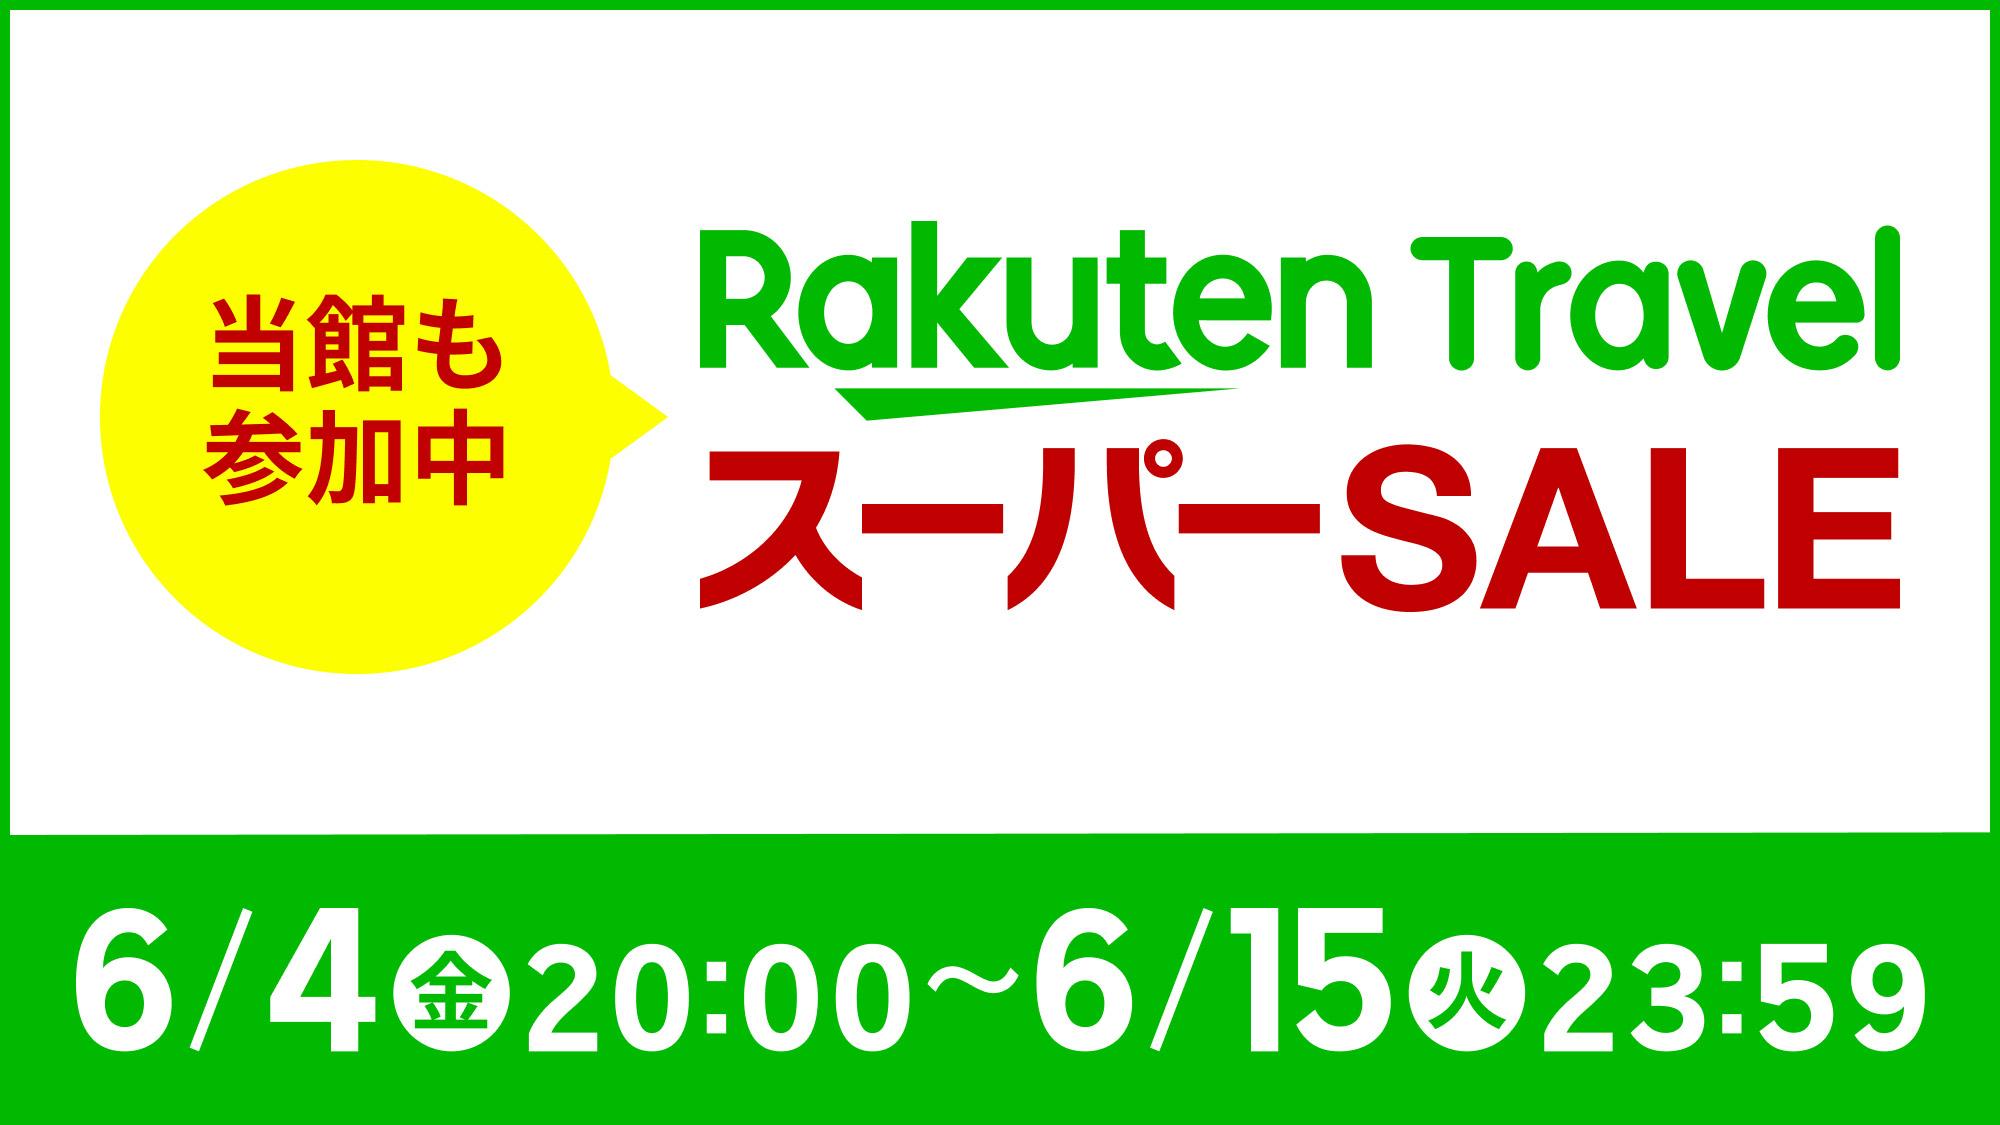 【楽天スーパーSALE】15%OFF!!2食付「信長会席」夏の京をお得に愉しむ【添い寝無料】